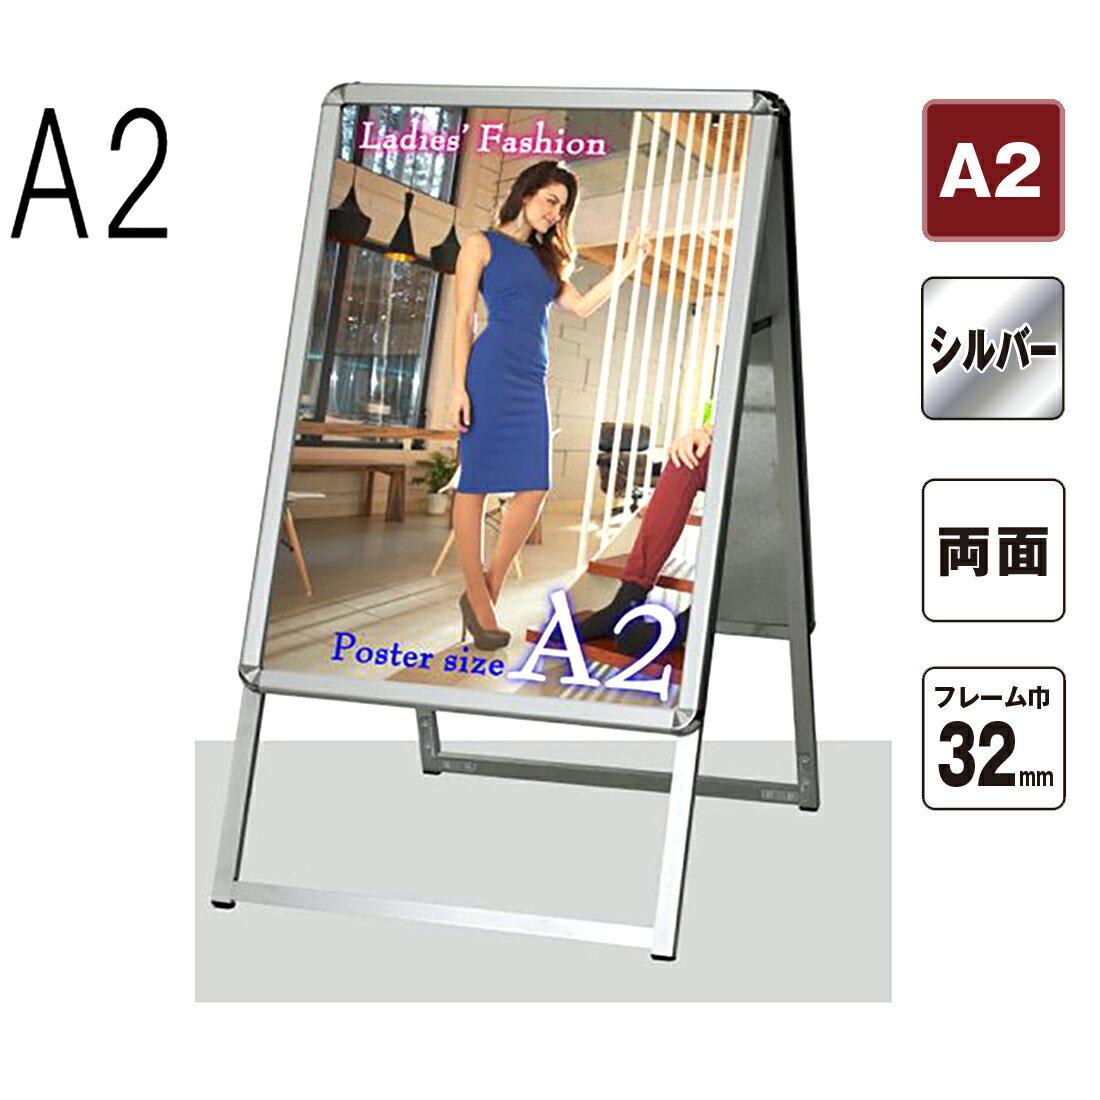 ポスターパネルスタンドA2両面シルバー32mm幅 A型看板 アルミ 屋内外兼用 ポスターフレームスタンド